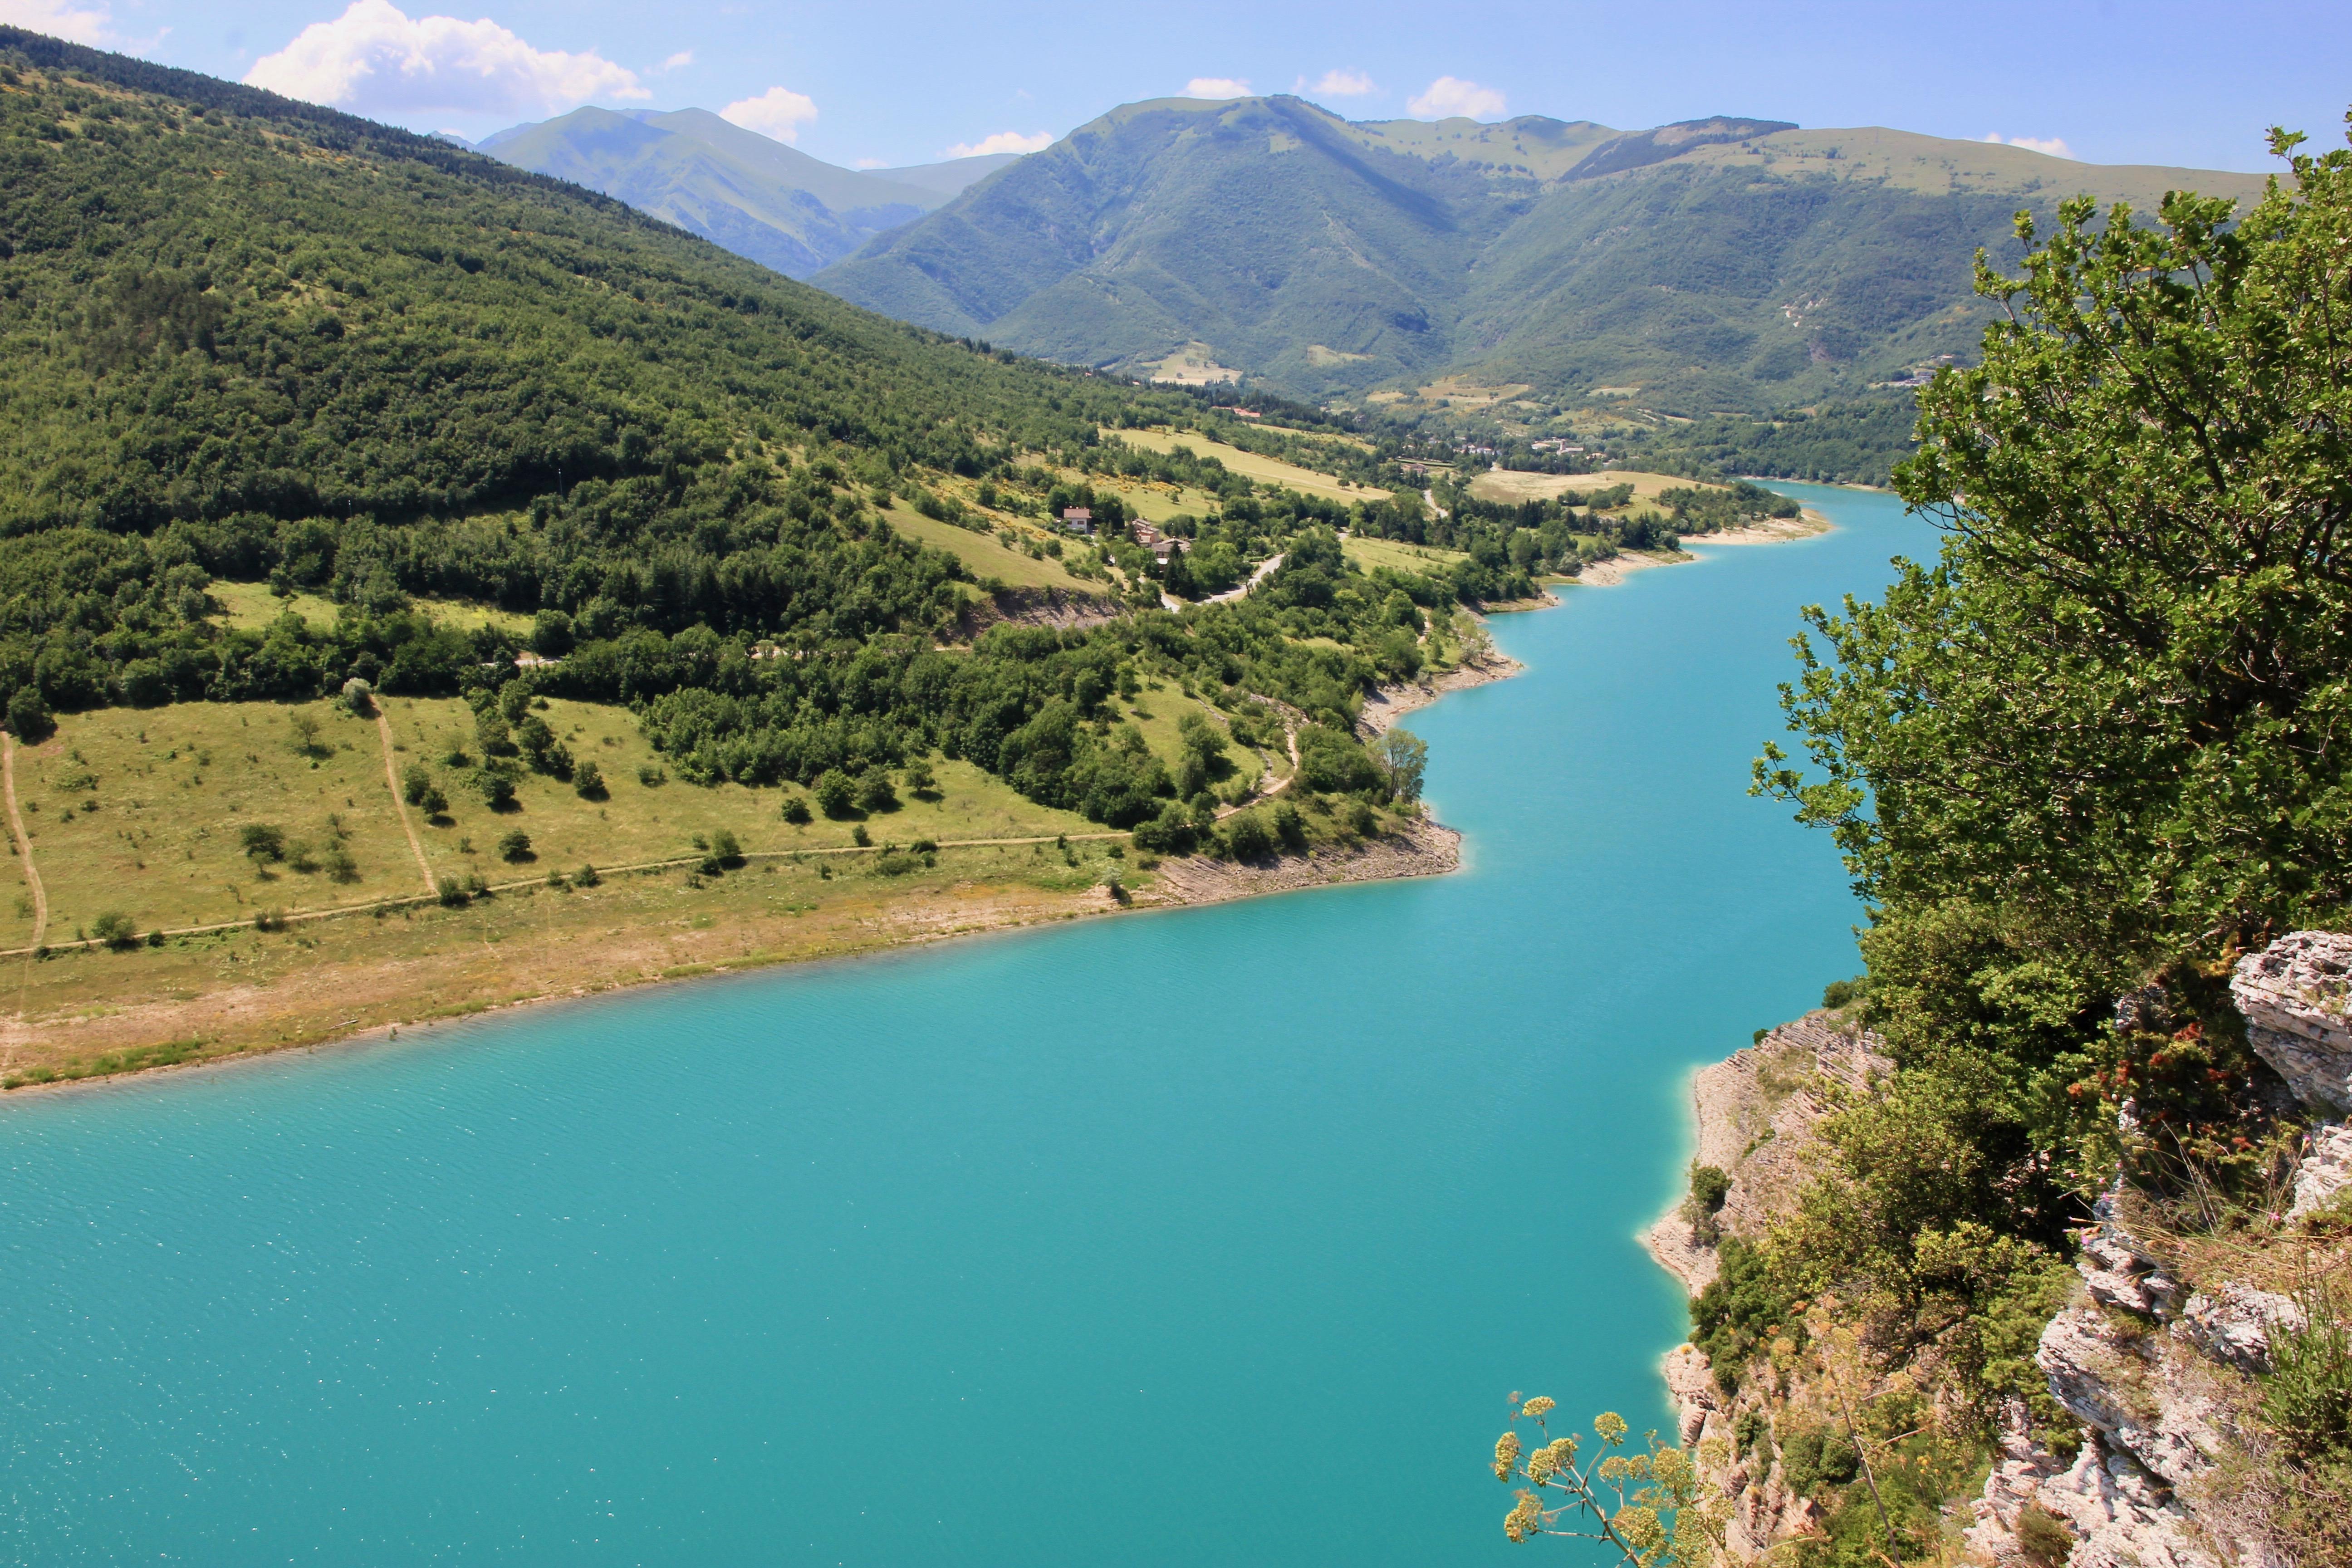 Il lago di Fiastra e le Lame Rosse